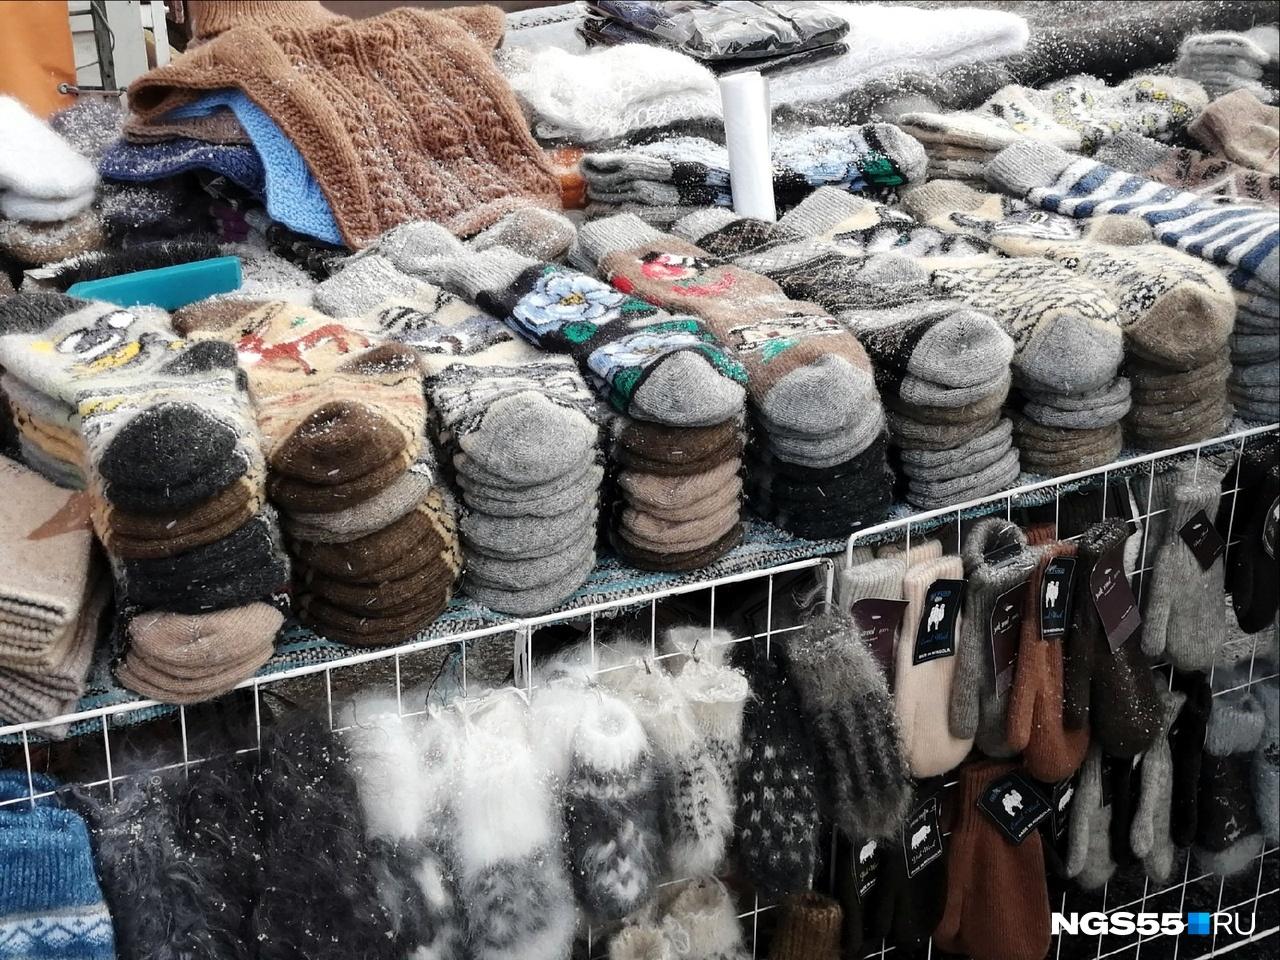 Варежки, купленные у бабушек в подземных переходах, имеют свой шарм